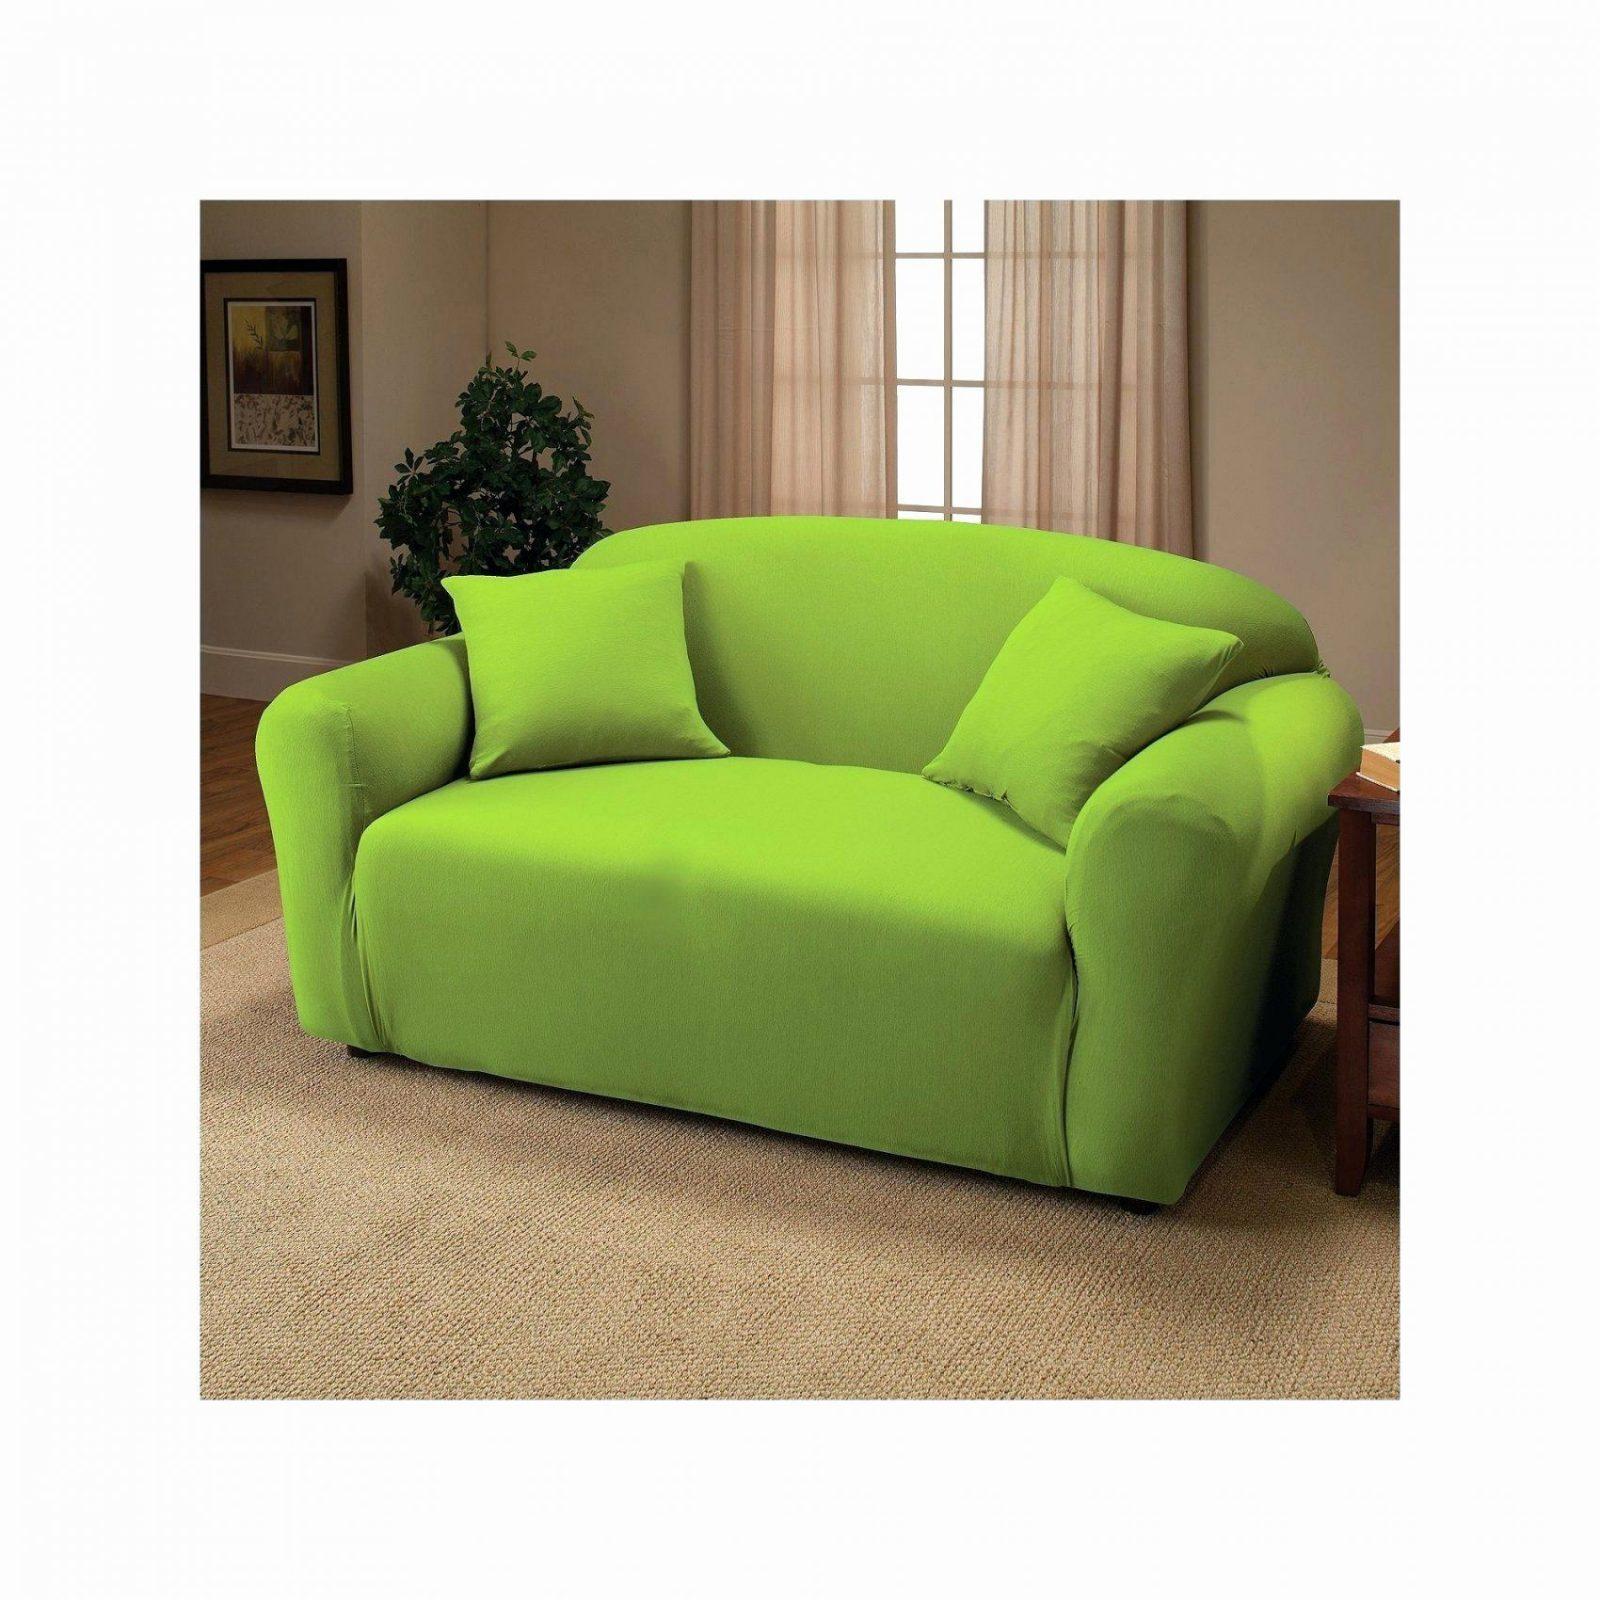 Dreisitzer Sofa Schlaffunktion Eckgarniturs Günstig Kaufen Best Of von Kleine Wohnlandschaft Mit Schlaffunktion Bild